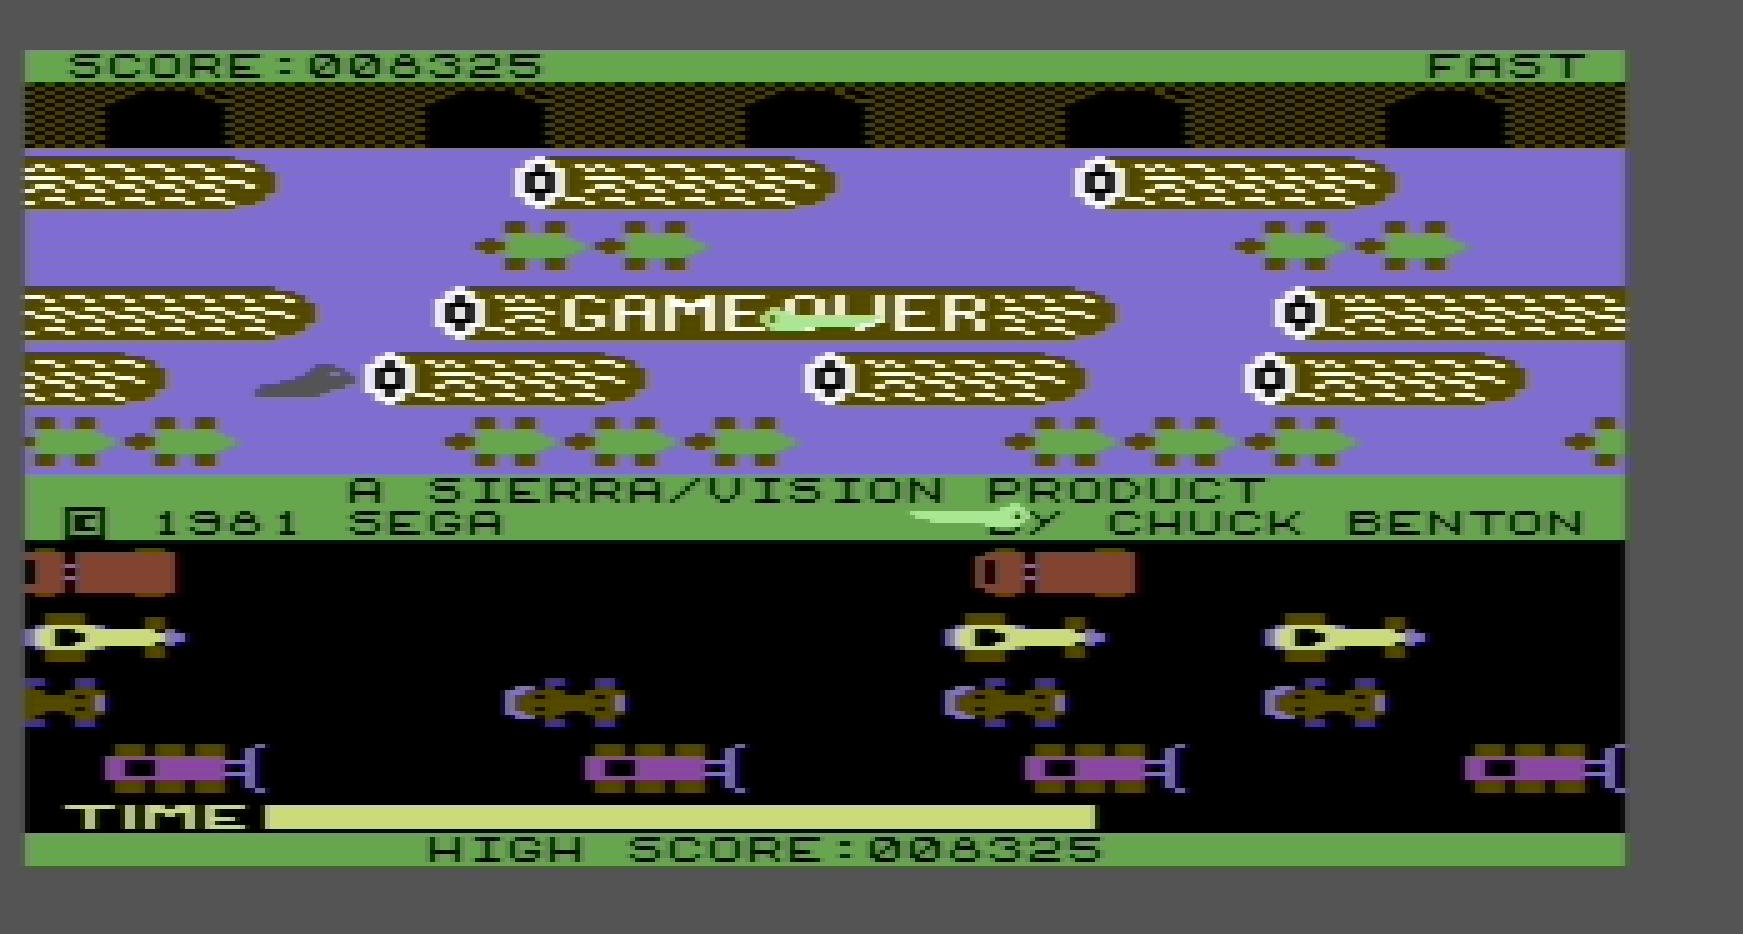 Frogger: Sierra 8,325 points